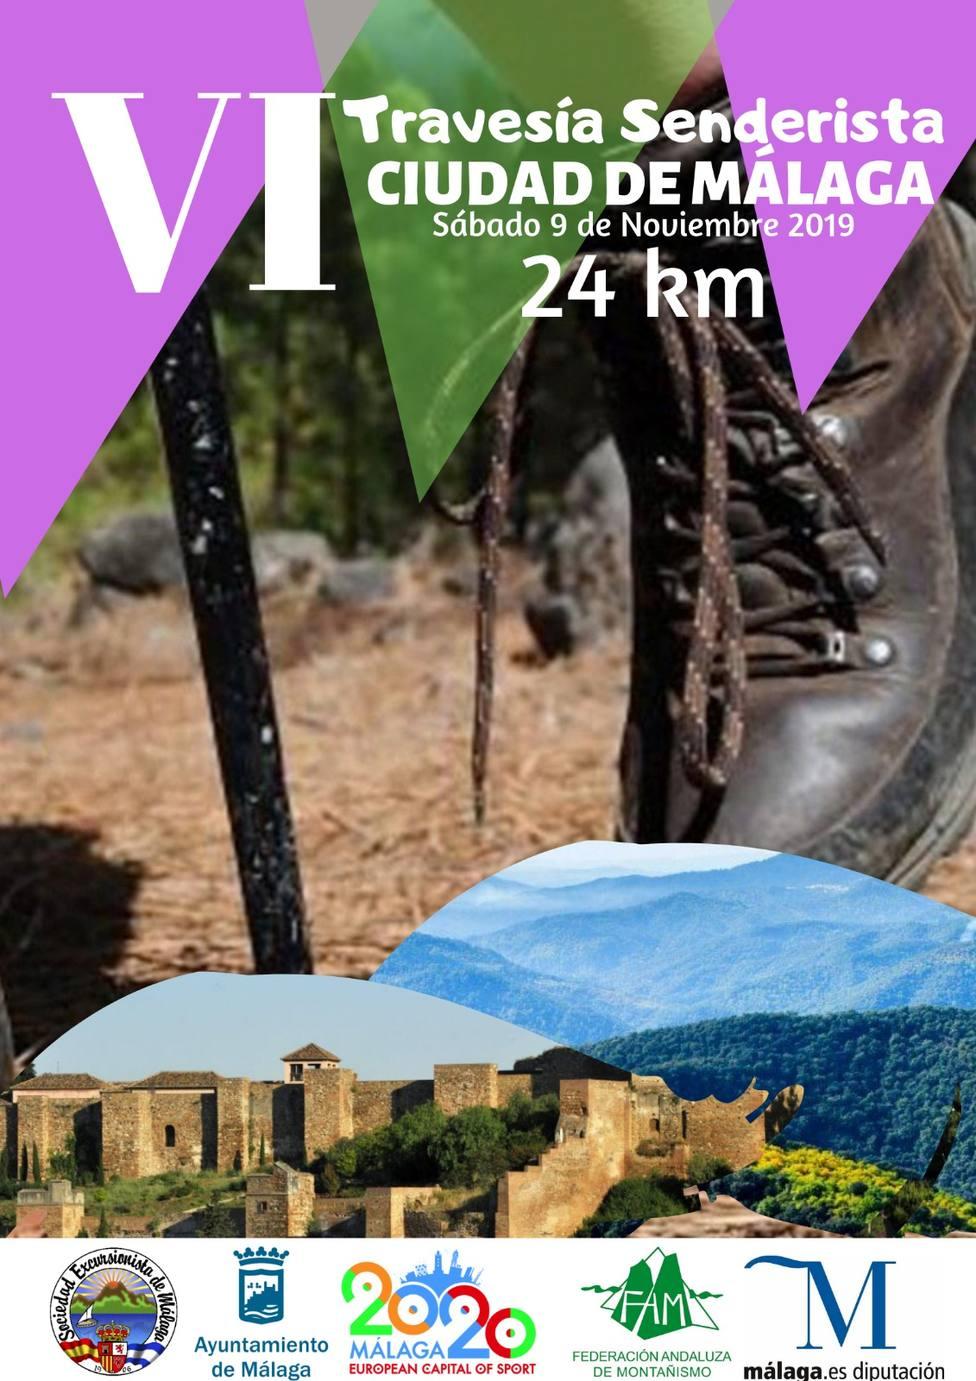 Los Montes de Málaga acoge la sexta travesía senderista Ciudad de Málaga